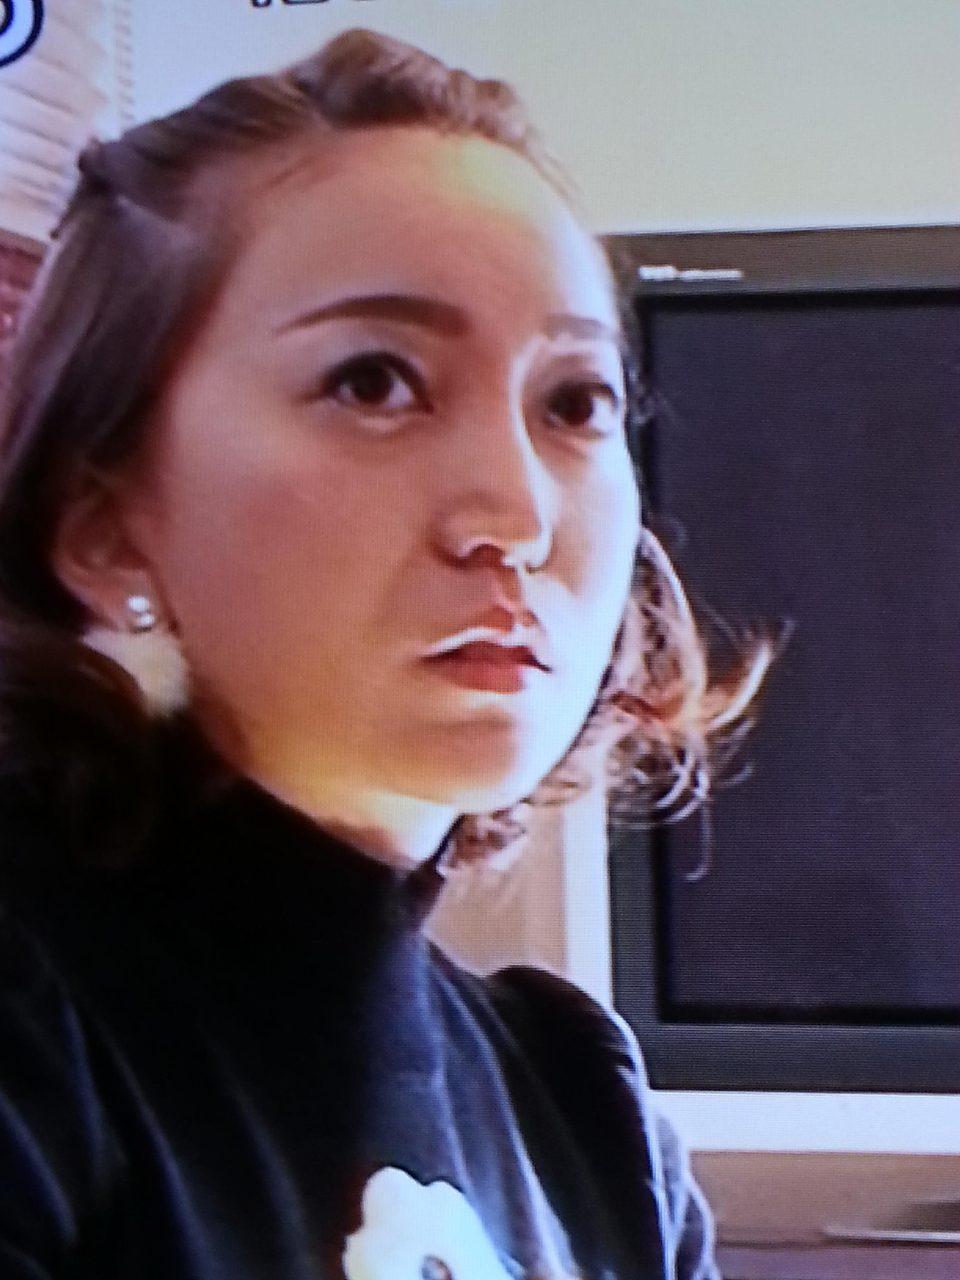 フジテレビ「ノンストップ」に出演した加藤茶の嫁・加藤綾菜